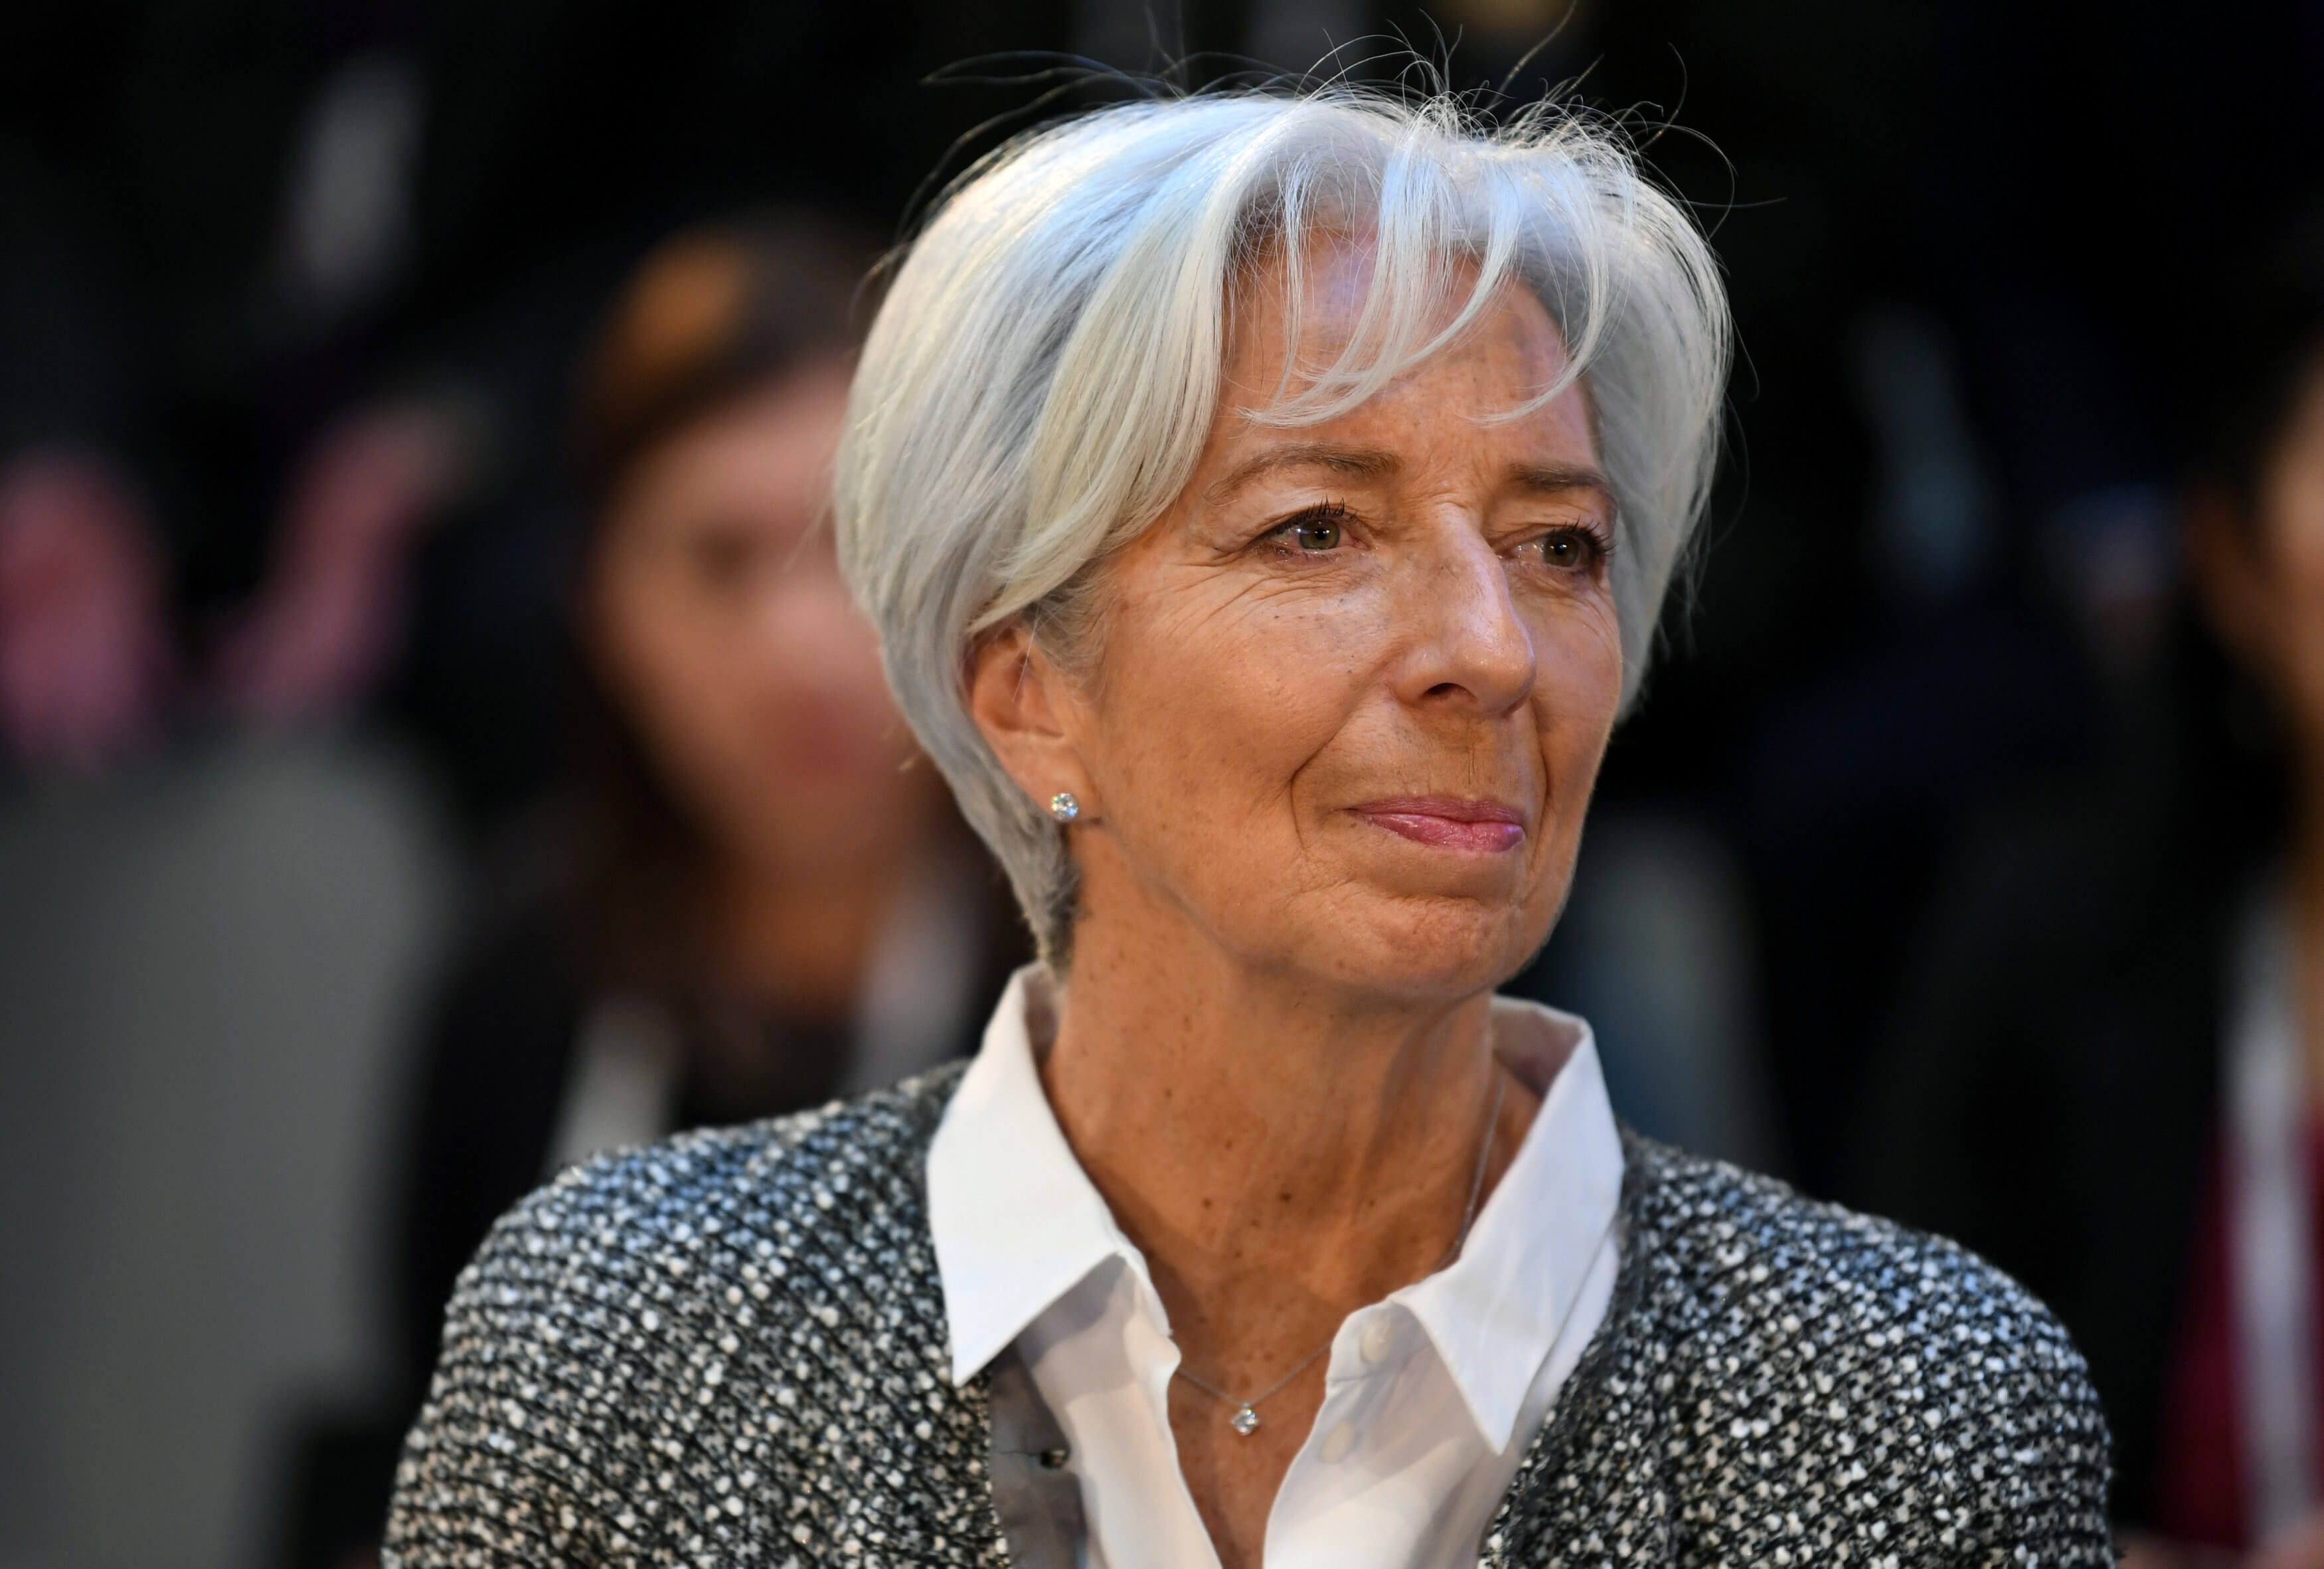 Λαγκάρντ: Η ευρωζώνη δεν είναι αρκετά προετοιμασμένη για την επόμενη κρίση